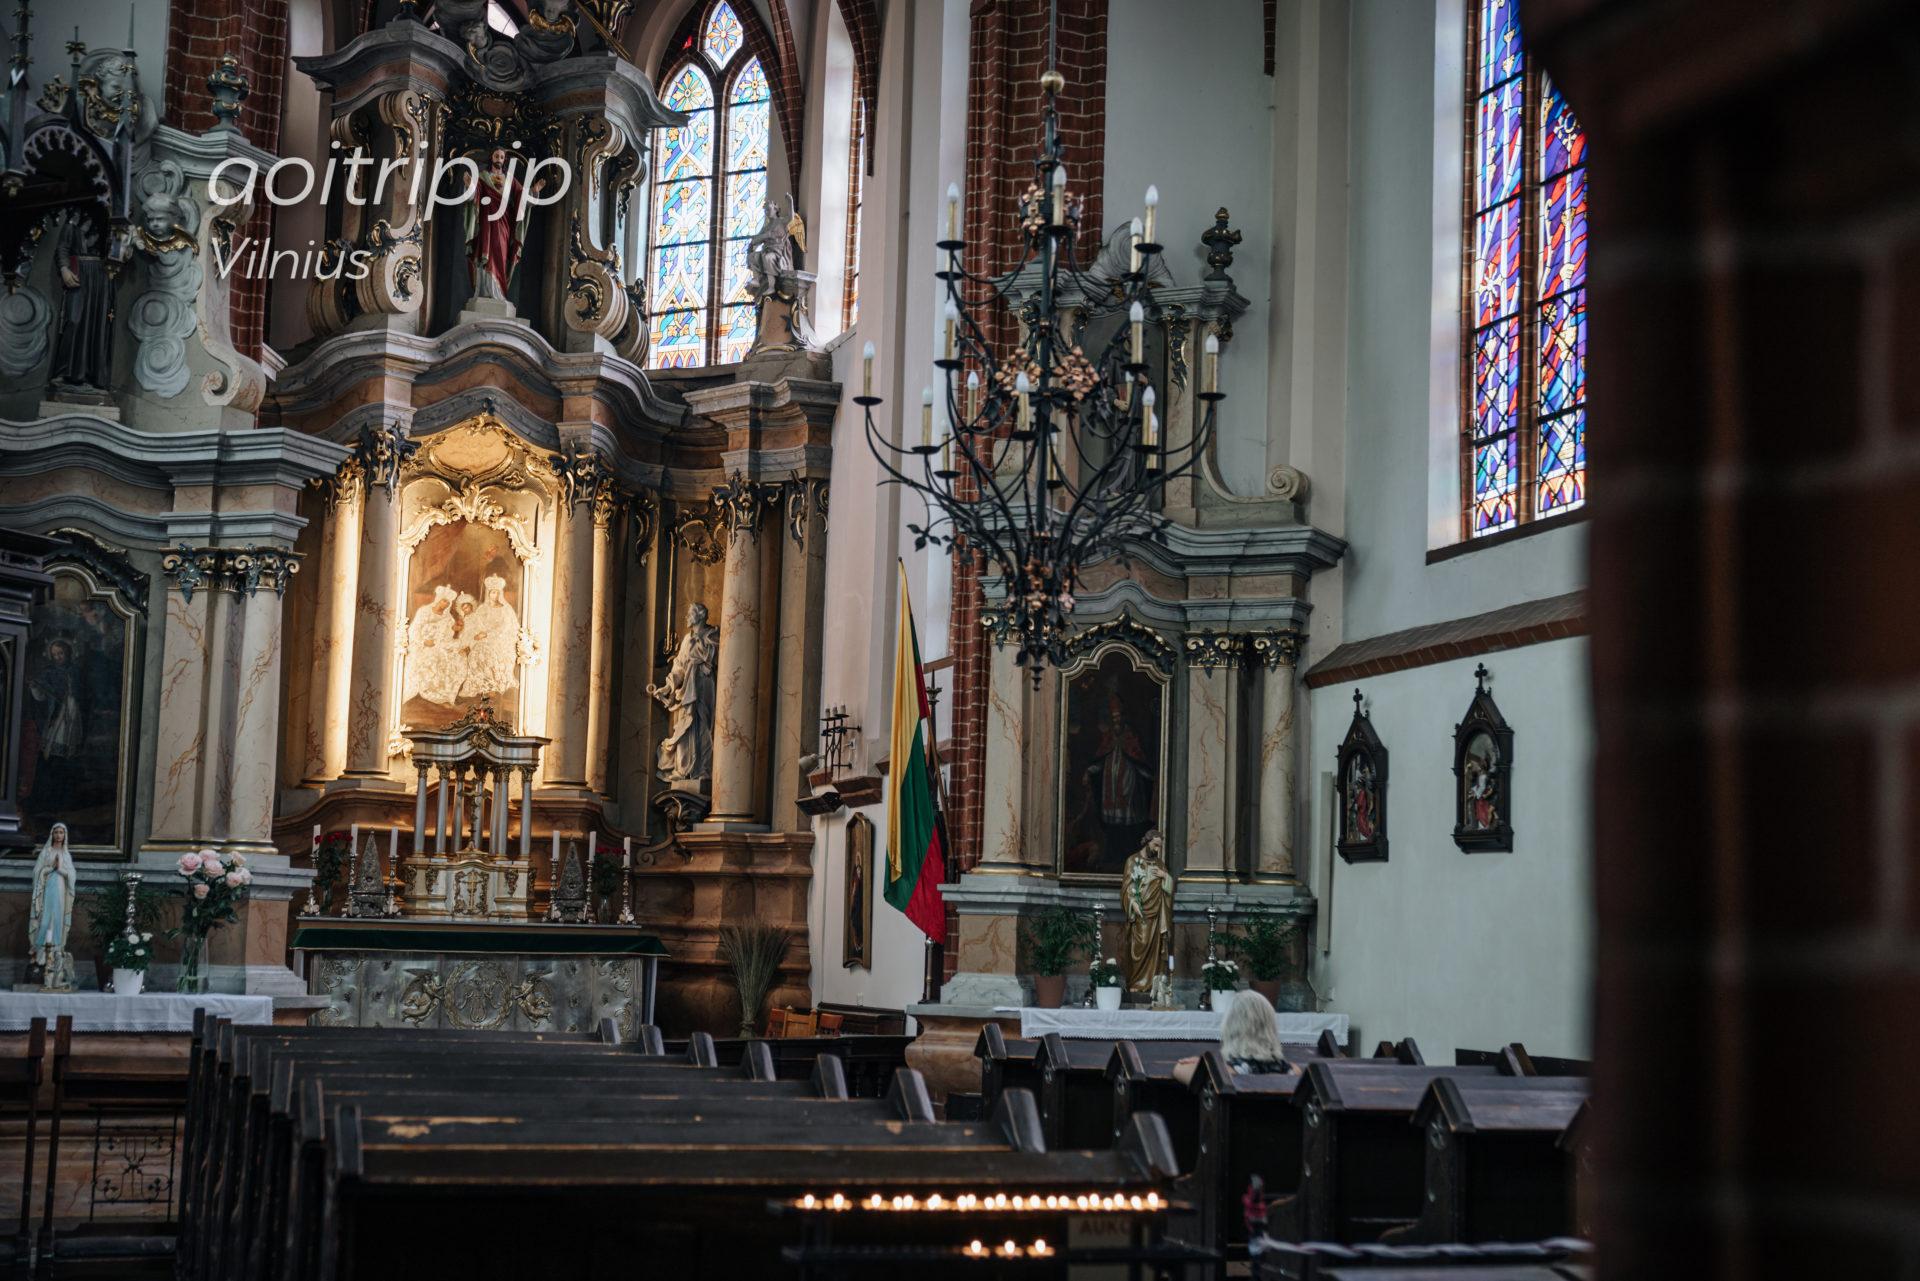 ヴィリニュス 聖アンナ教会 St Anne's Church Vilnius